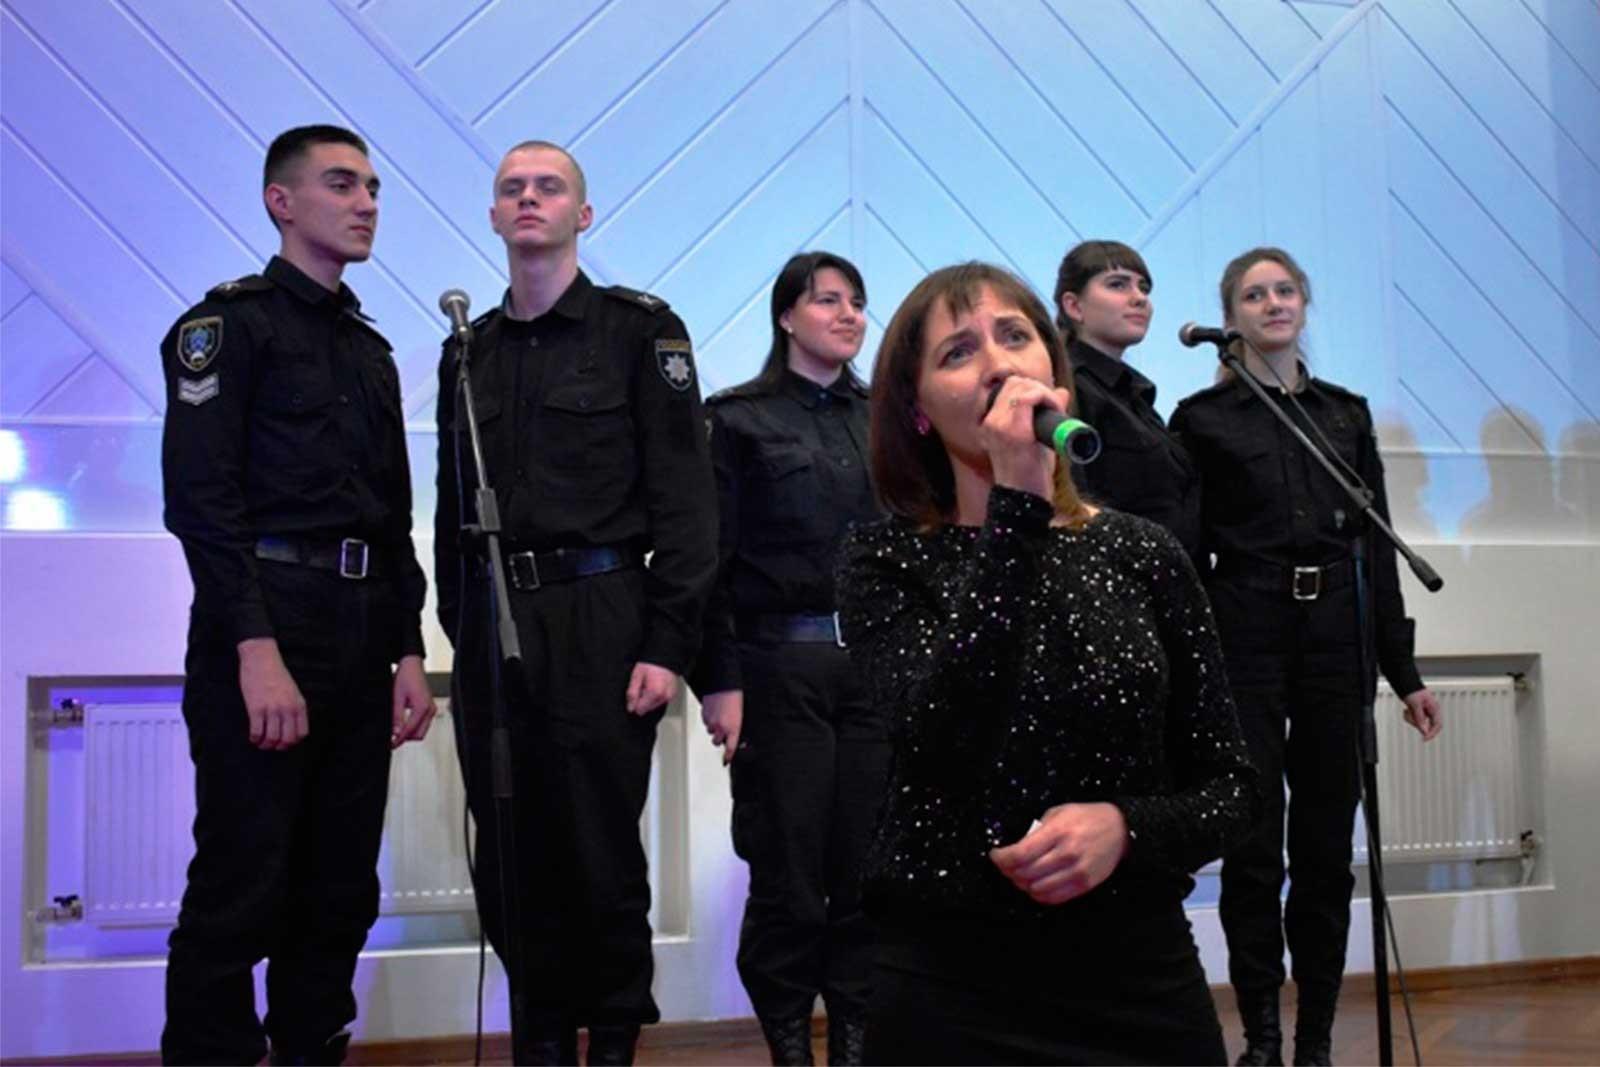 Привітали ветеранів і пенсіонерів із Днем вшанування пенсіонерів та ветеранів системи МВС України